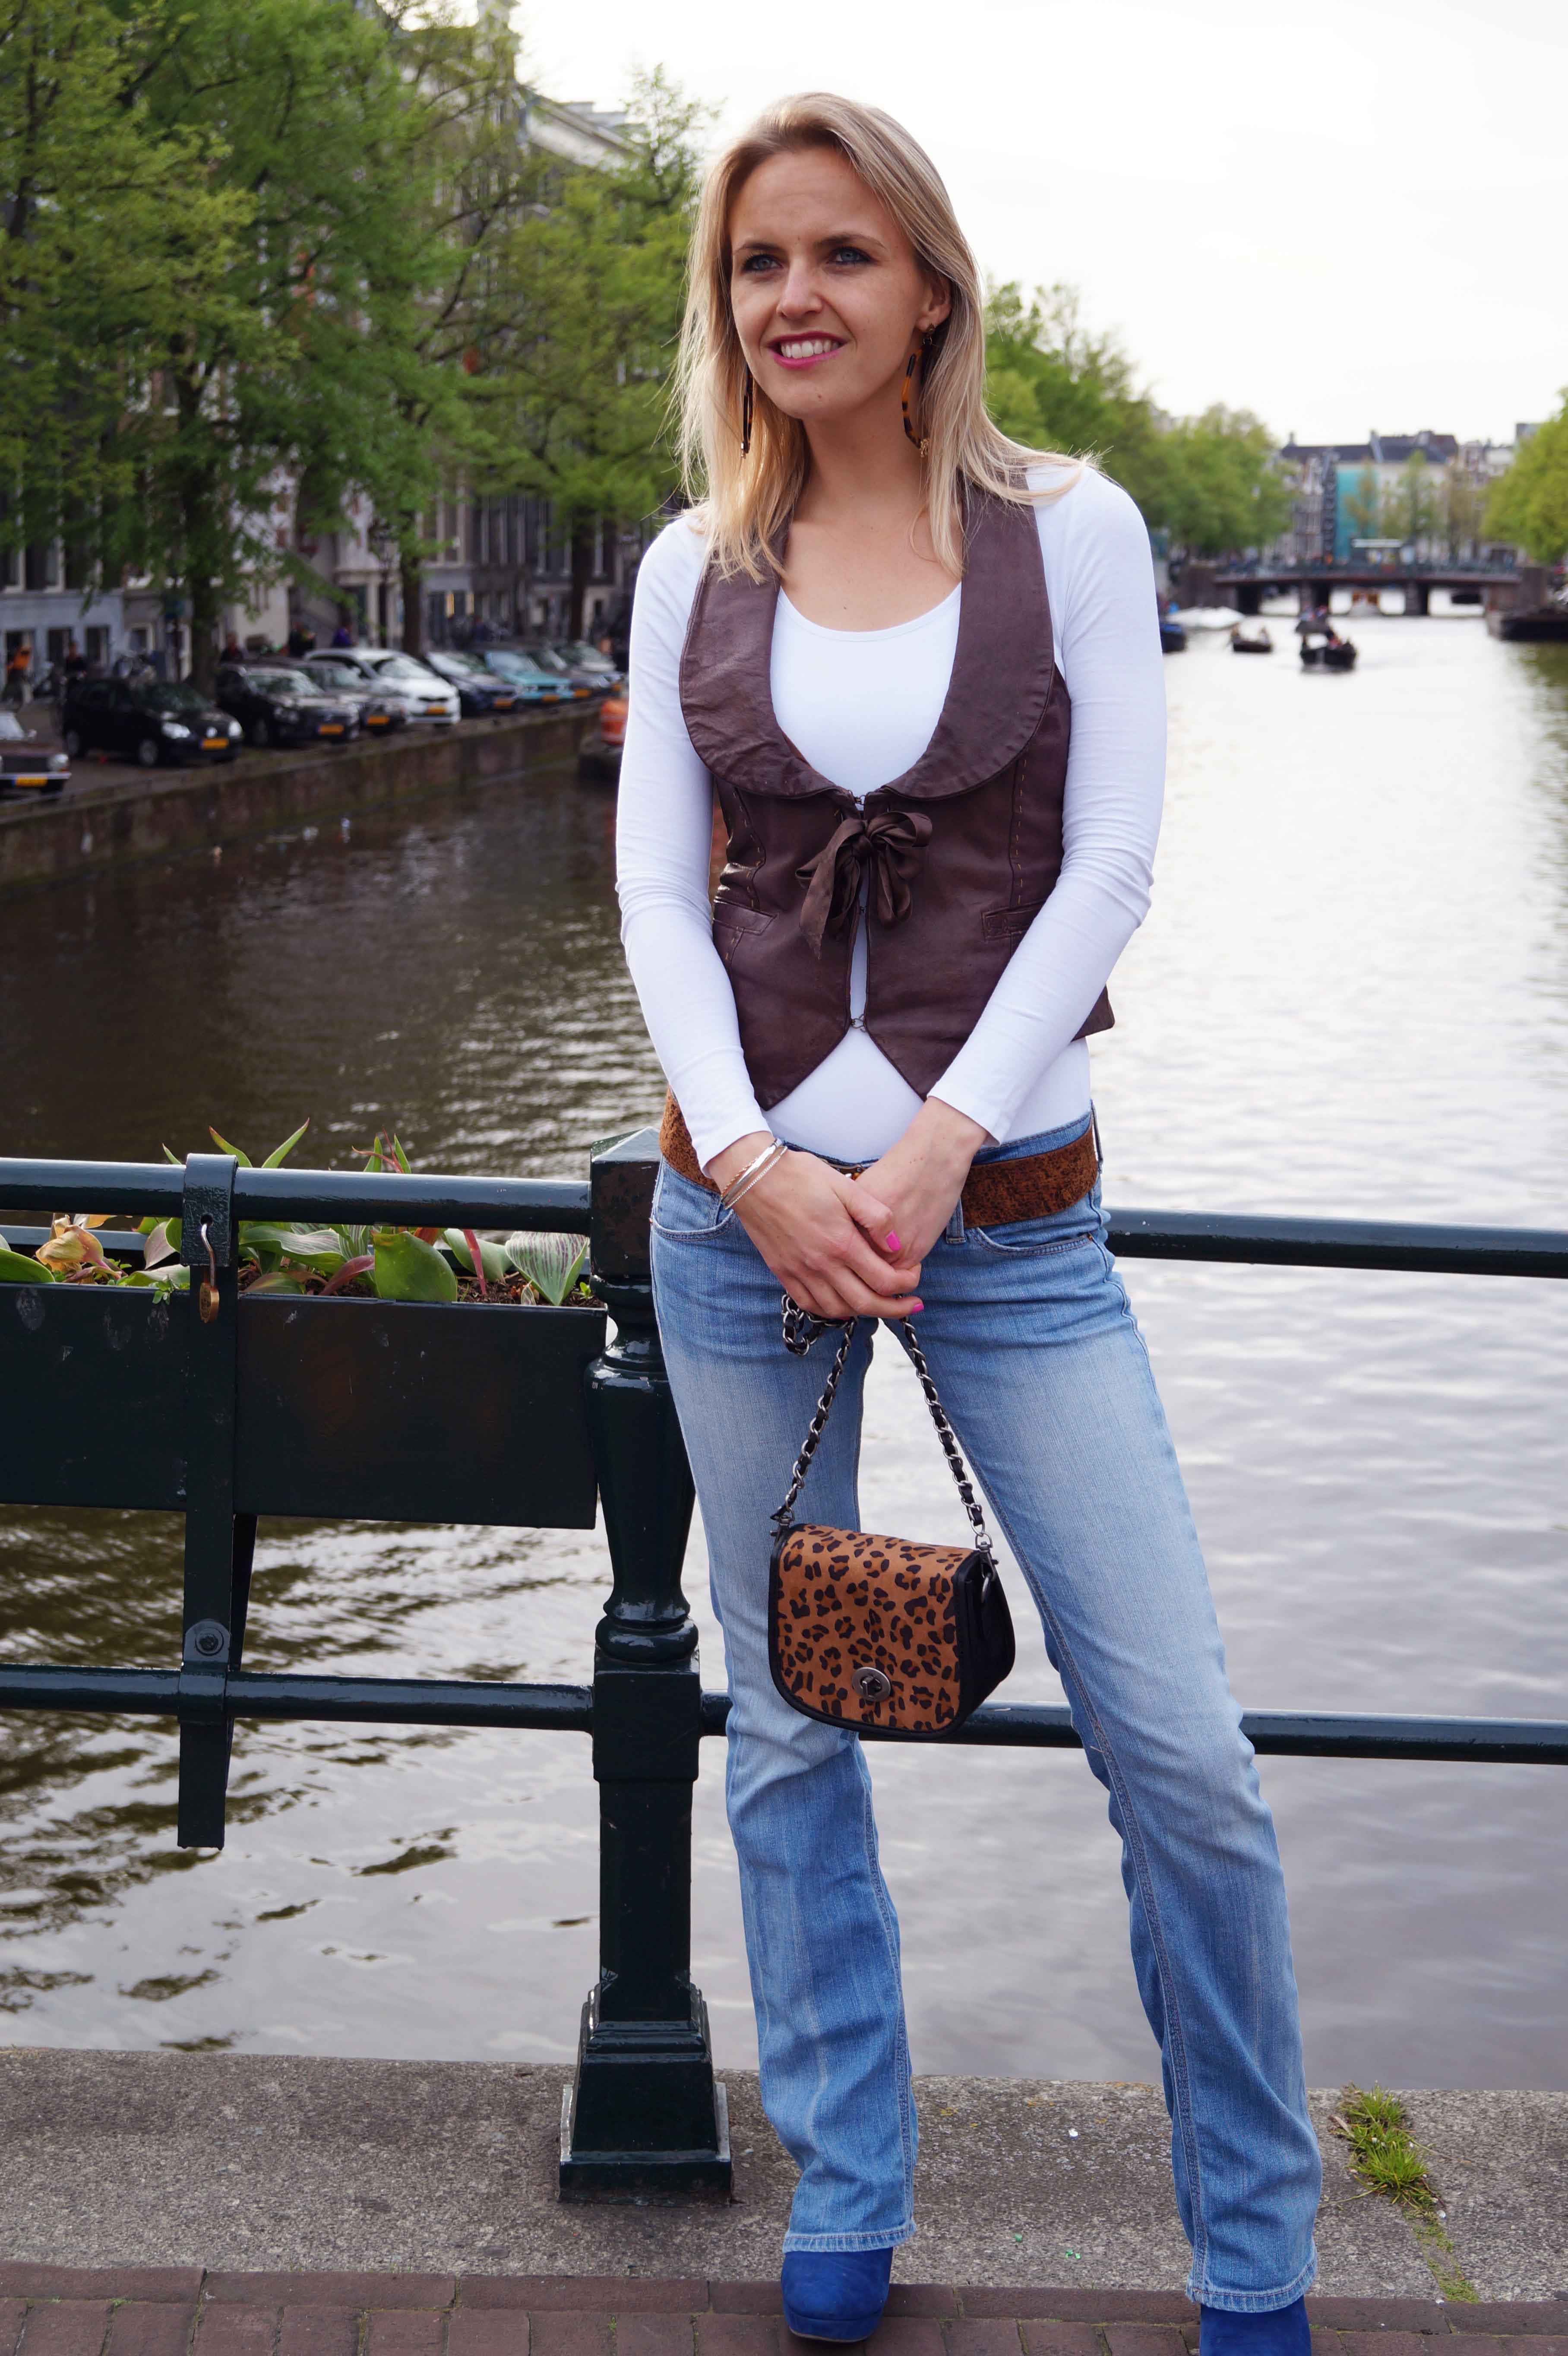 Bag at You - Fashion Blog - Leopard bag jeans leather gilet